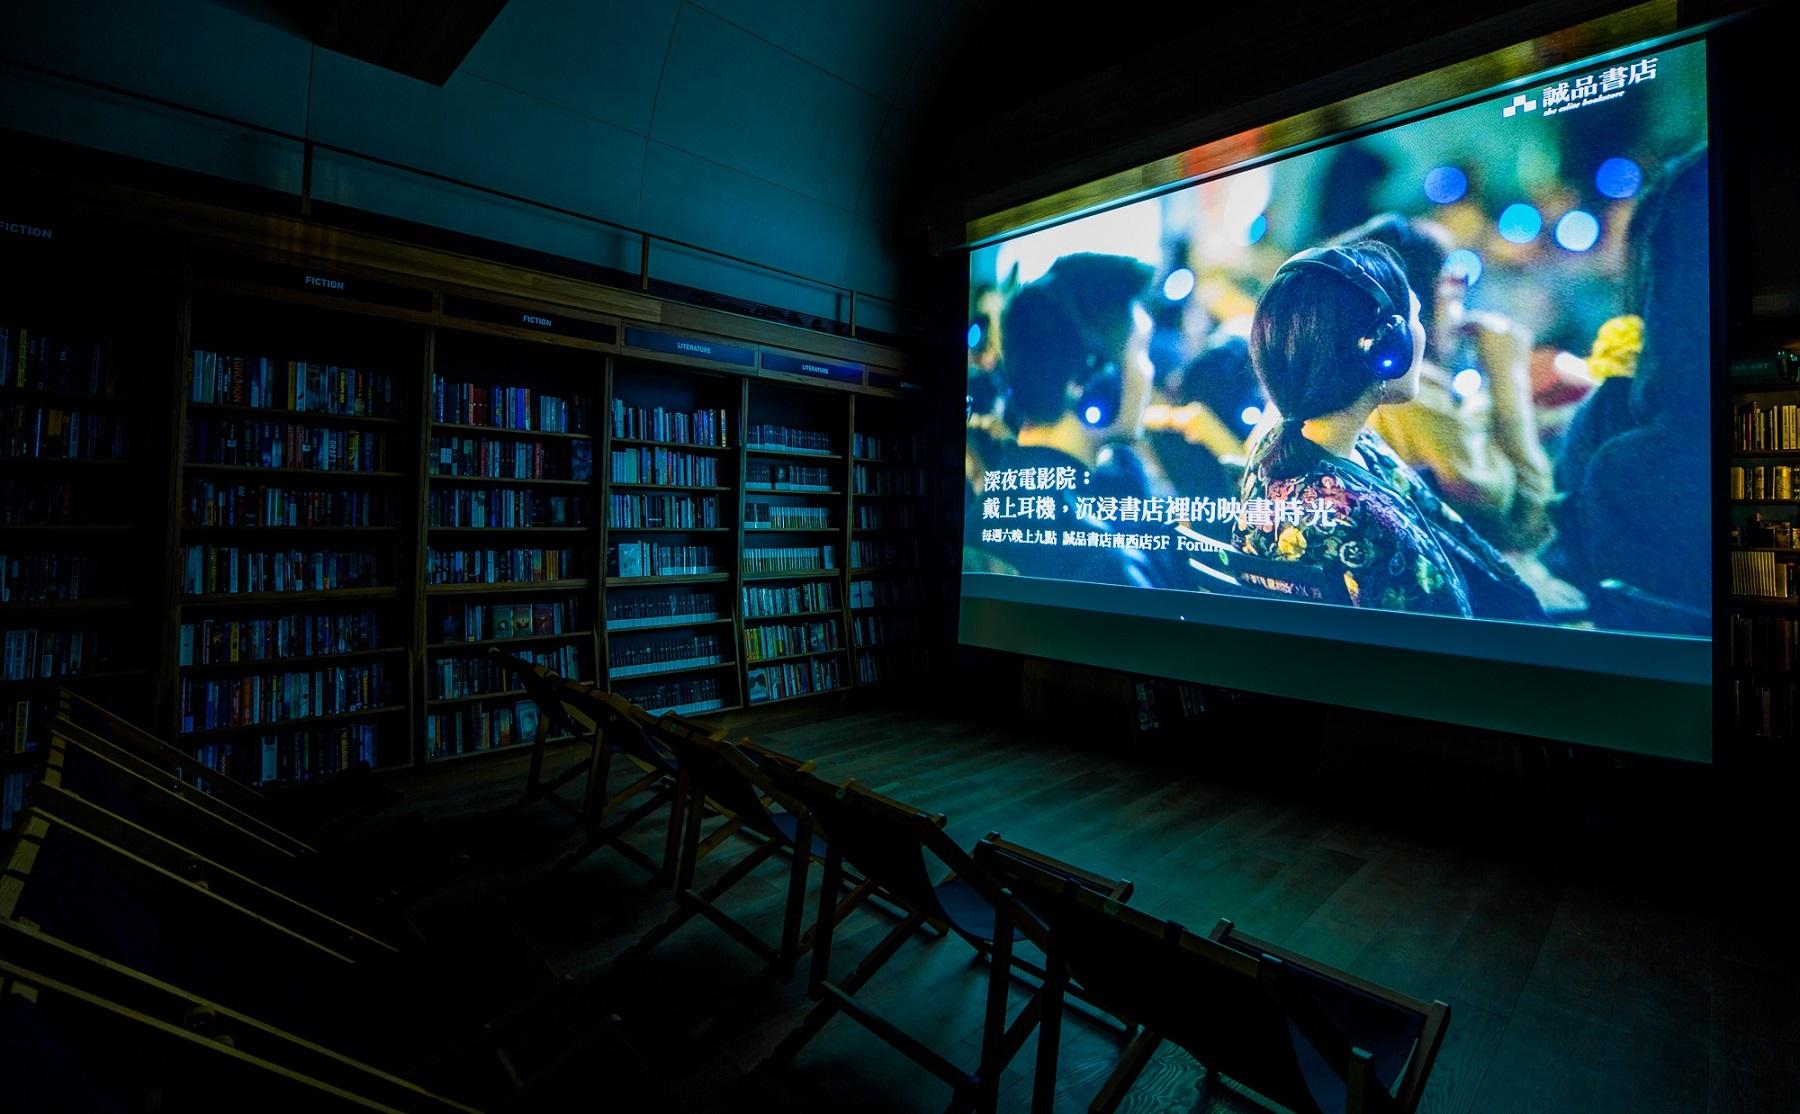 誠品生活南西5f|誠品書店|開幕期間每週六夜晚,搖身一變成為「深夜電影院」